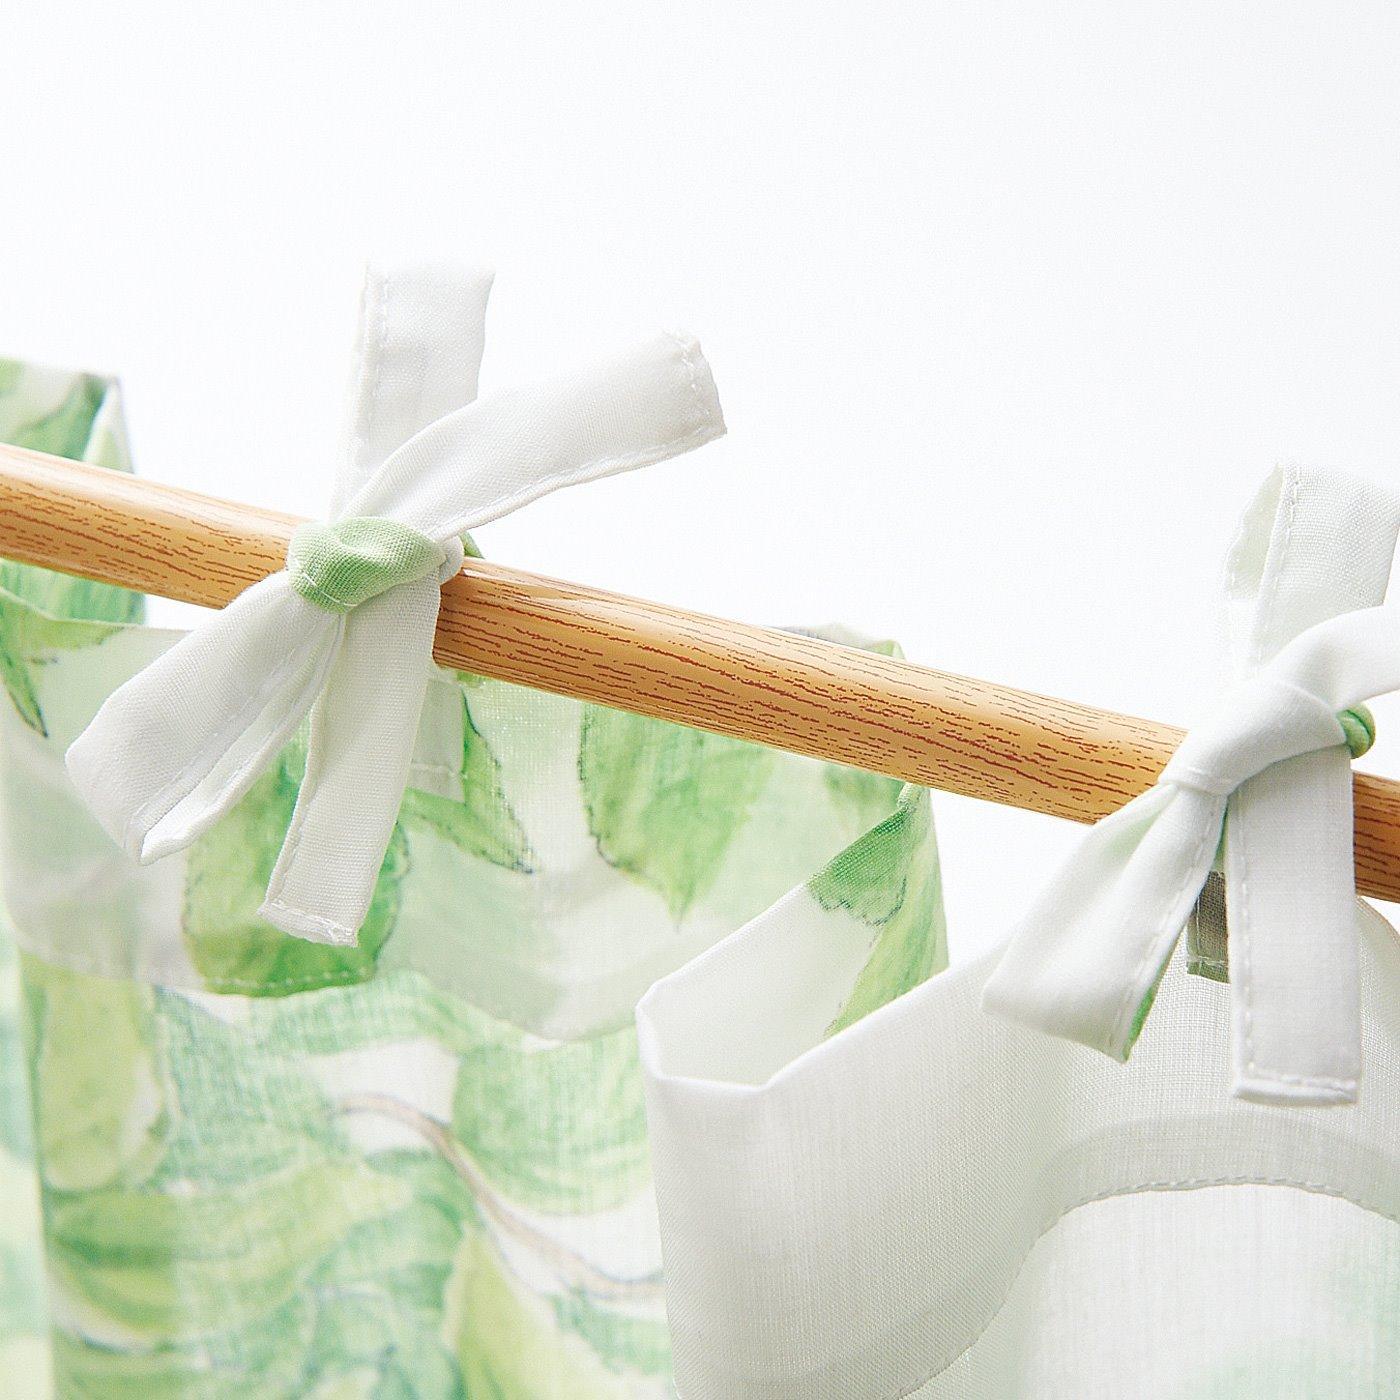 のれんとして使っても。上辺のひもを結んで、カーテンレールやつっぱり棒につるせます。